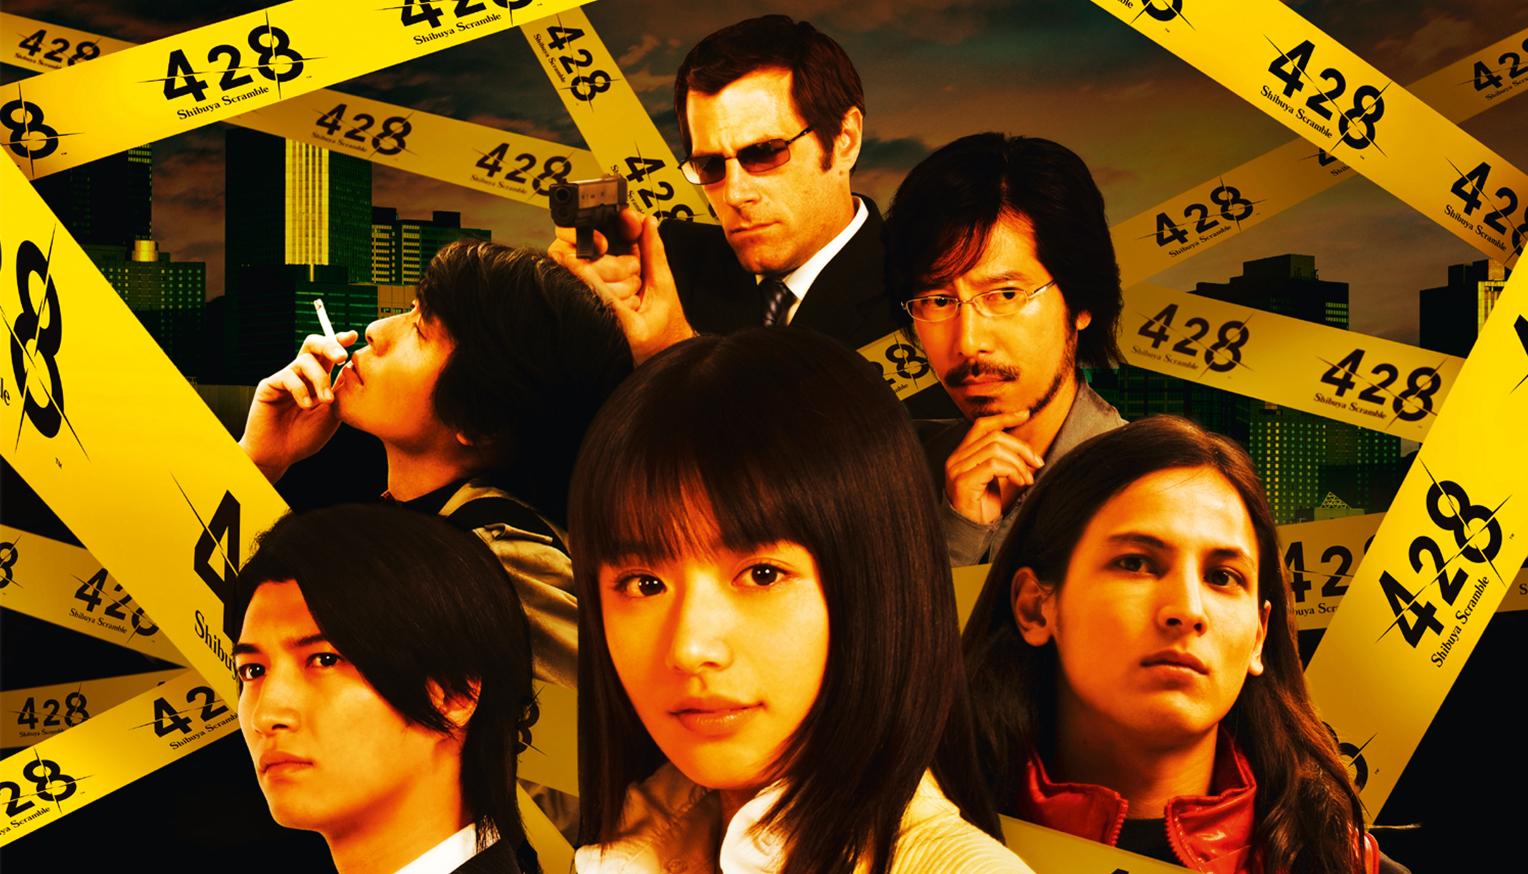 428: Shibuya Scramble characters